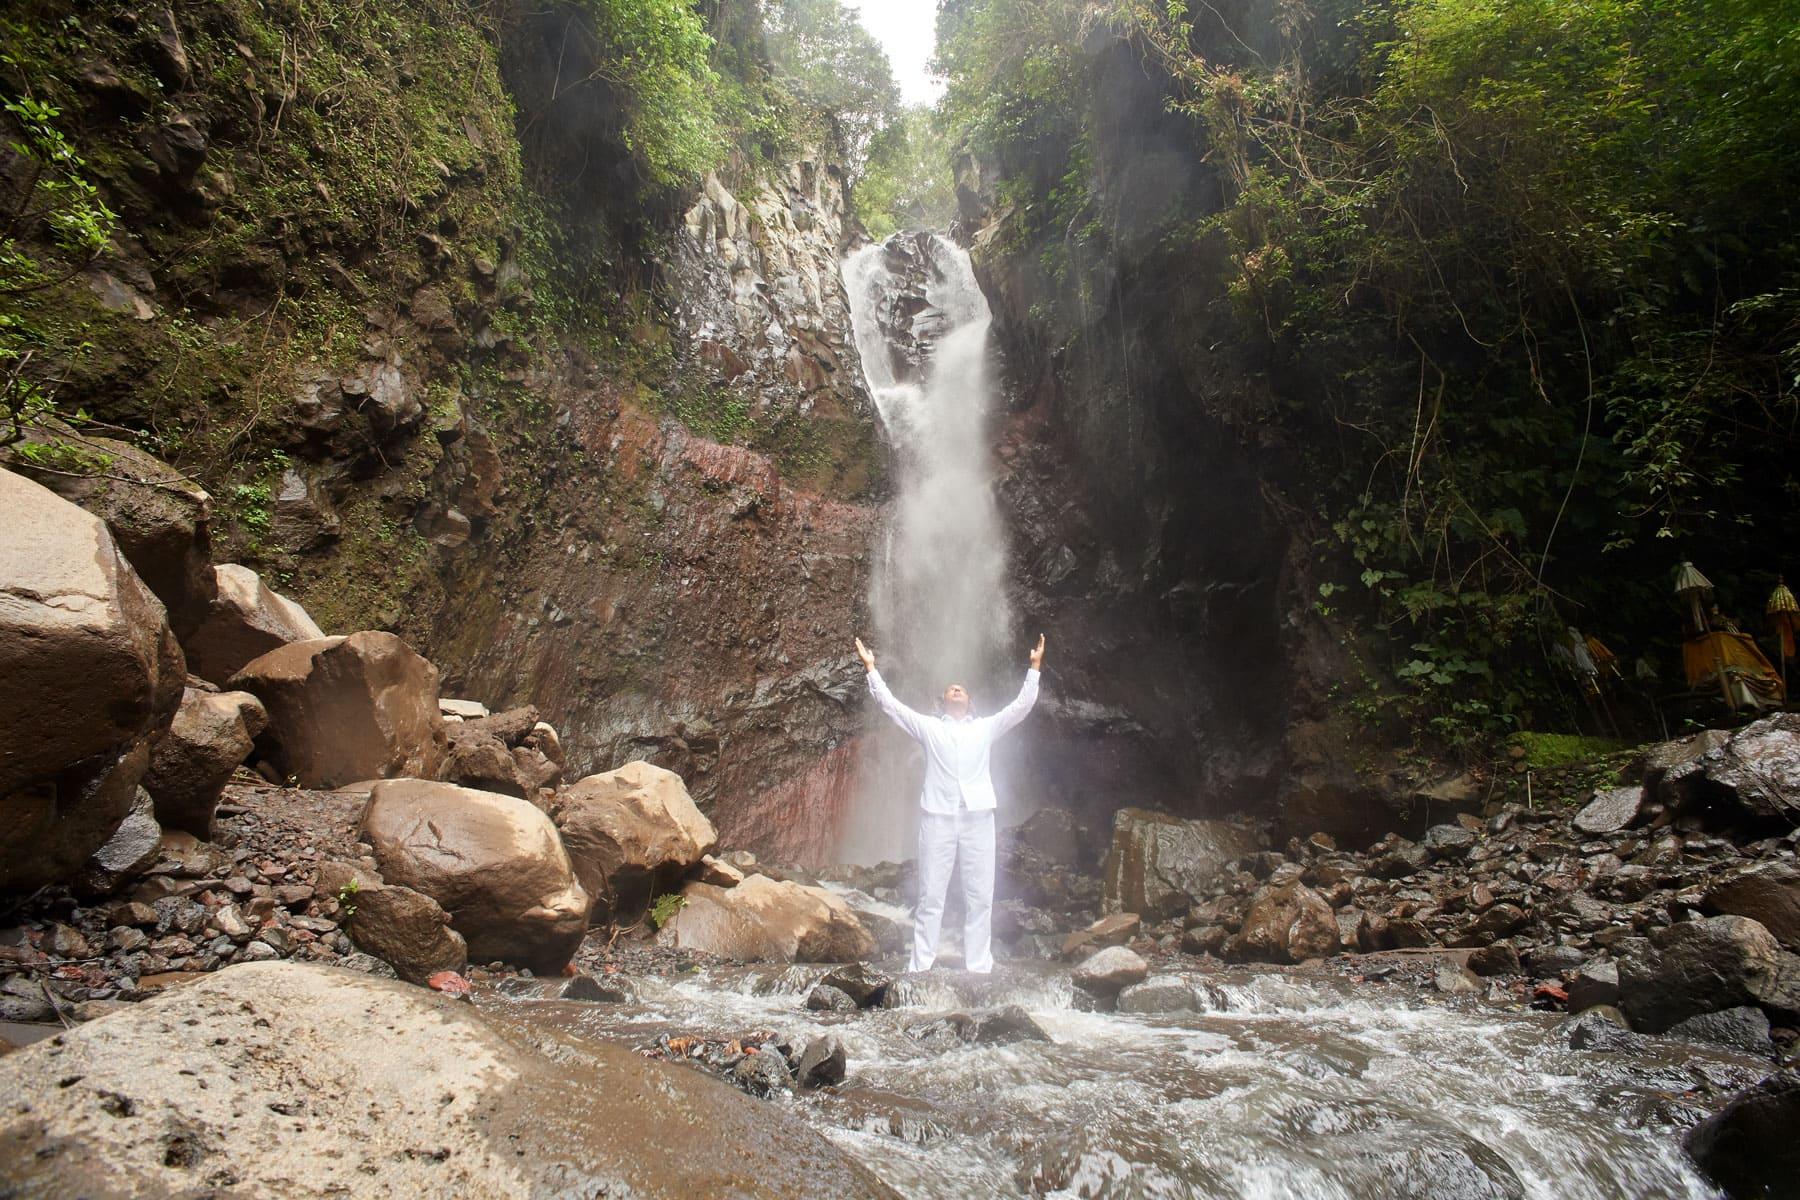 Fotografie eines Mannes in weißer Kleidung vor einem Wasserfall segnend